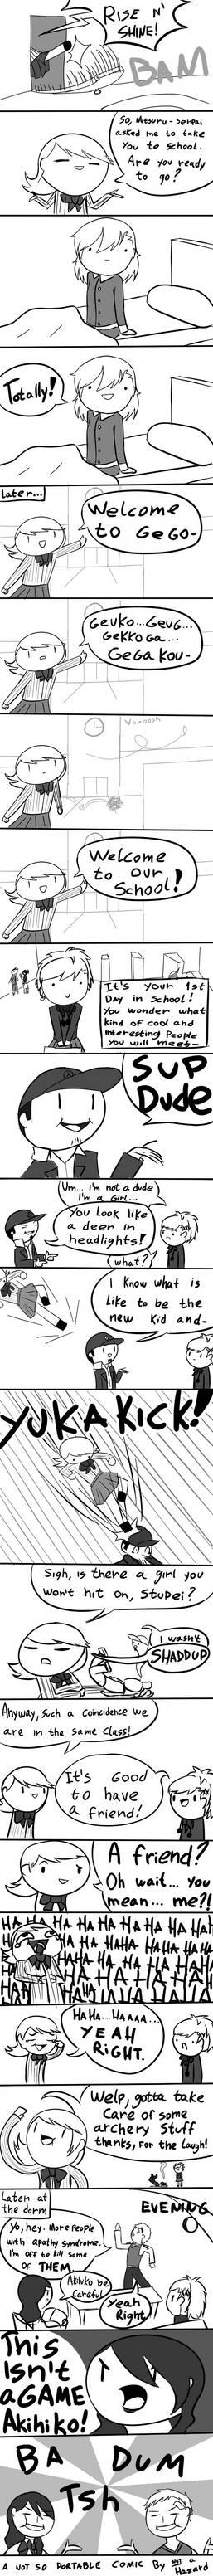 A not so Portable comic 4